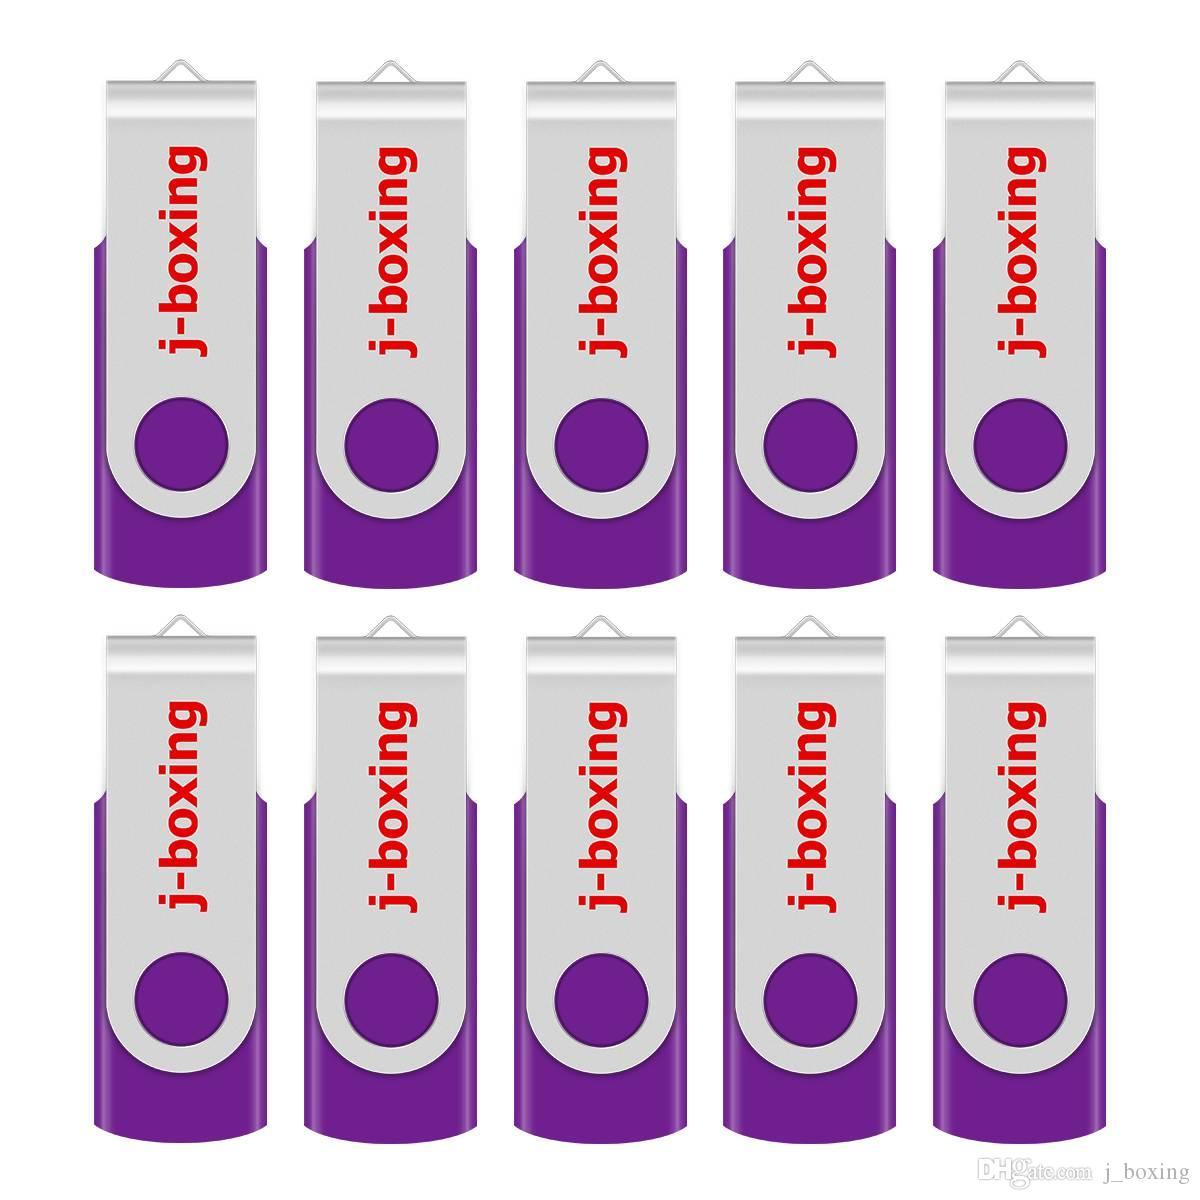 Purple Bulk 10PCS Metal Rotating USB 2.0 Flash Drive Pen Drive Thumb Memory Stick 64M 128M 256M 512M 1G 2G 4G 8G 16G 32G for PC Laptop Mac